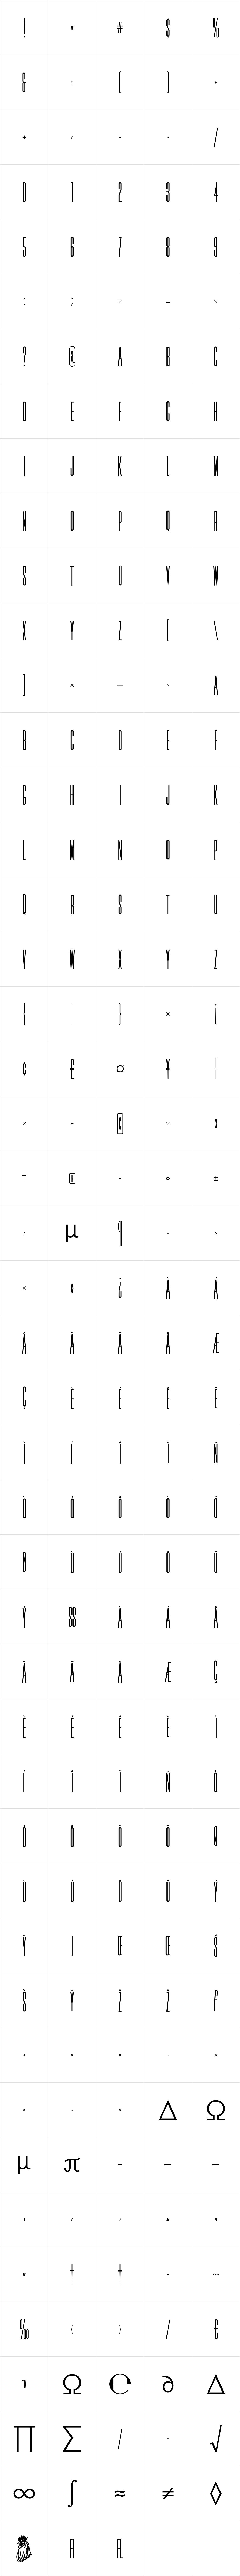 TripleCondensedGothic Medium